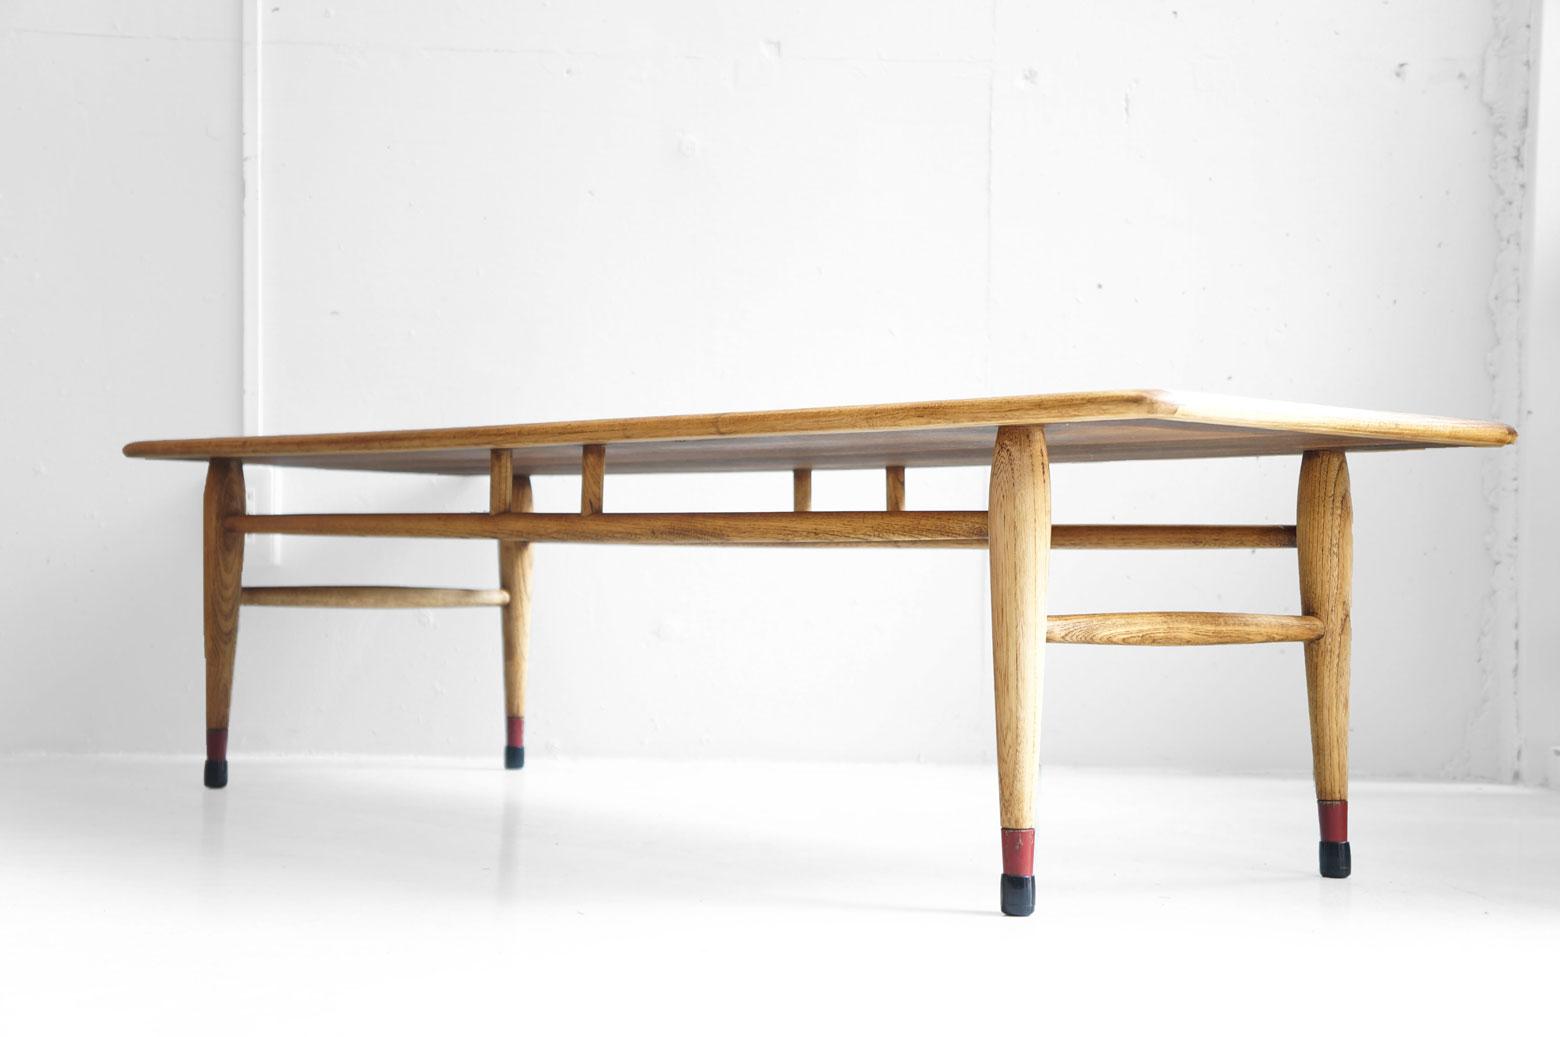 1912年創業の老舗家具メーカー『LANE/レーン』。 特に、50~60年代アメリカのミッドセンチュリー期に作られた家具は今でも高い人気を誇ります。 その中でも『ACCLAIM/アクレーム』はその時代のLANEを代表するシリーズ。 天板の両サイドには『ダブテイル』という鳩の尾っぽのような組み木模様が施されており、シンプルな形でも存在感があるテーブルです。 アメリカミッドセンチュリーがお好きな方であればひとつは欲しいシリーズではないでしょうか。 ソファの前にどん!と置いて古き良き時代のアメリカの雰囲気をぜひ味わってください。 経年や使用による細かな擦れやキズがございます。ビンテージの風合いを残すために着色の少ない植物性メンテナンスオイルを塗り、より自然なオーク材とウォールナット材の木肌をお楽しみいただけるよう仕上げております。 ここでLANEの家具の豆知識を♪ LANEのロゴマークと共に刻印されているシリアルナンバーから製造年月日を知ることができます。 ナンバーを後ろから二桁ずつ、月→日→年の順に読んでいくと… 10.12.63、すなわち【63年10月12日】製ということになります。 なんだか謎解きをしているようですね。 ~【東京都杉並区阿佐ヶ谷北アンティークショップ 古一】 古一/ふるいちでは出張無料買取も行っております。杉並区周辺はもちろん、世田谷区・目黒区・武蔵野市・新宿区等の東京近郊のお見積もりも!ビンテージ家具・インテリア雑貨・ランプ・USED品・ リサイクルなら古一/フルイチへ~